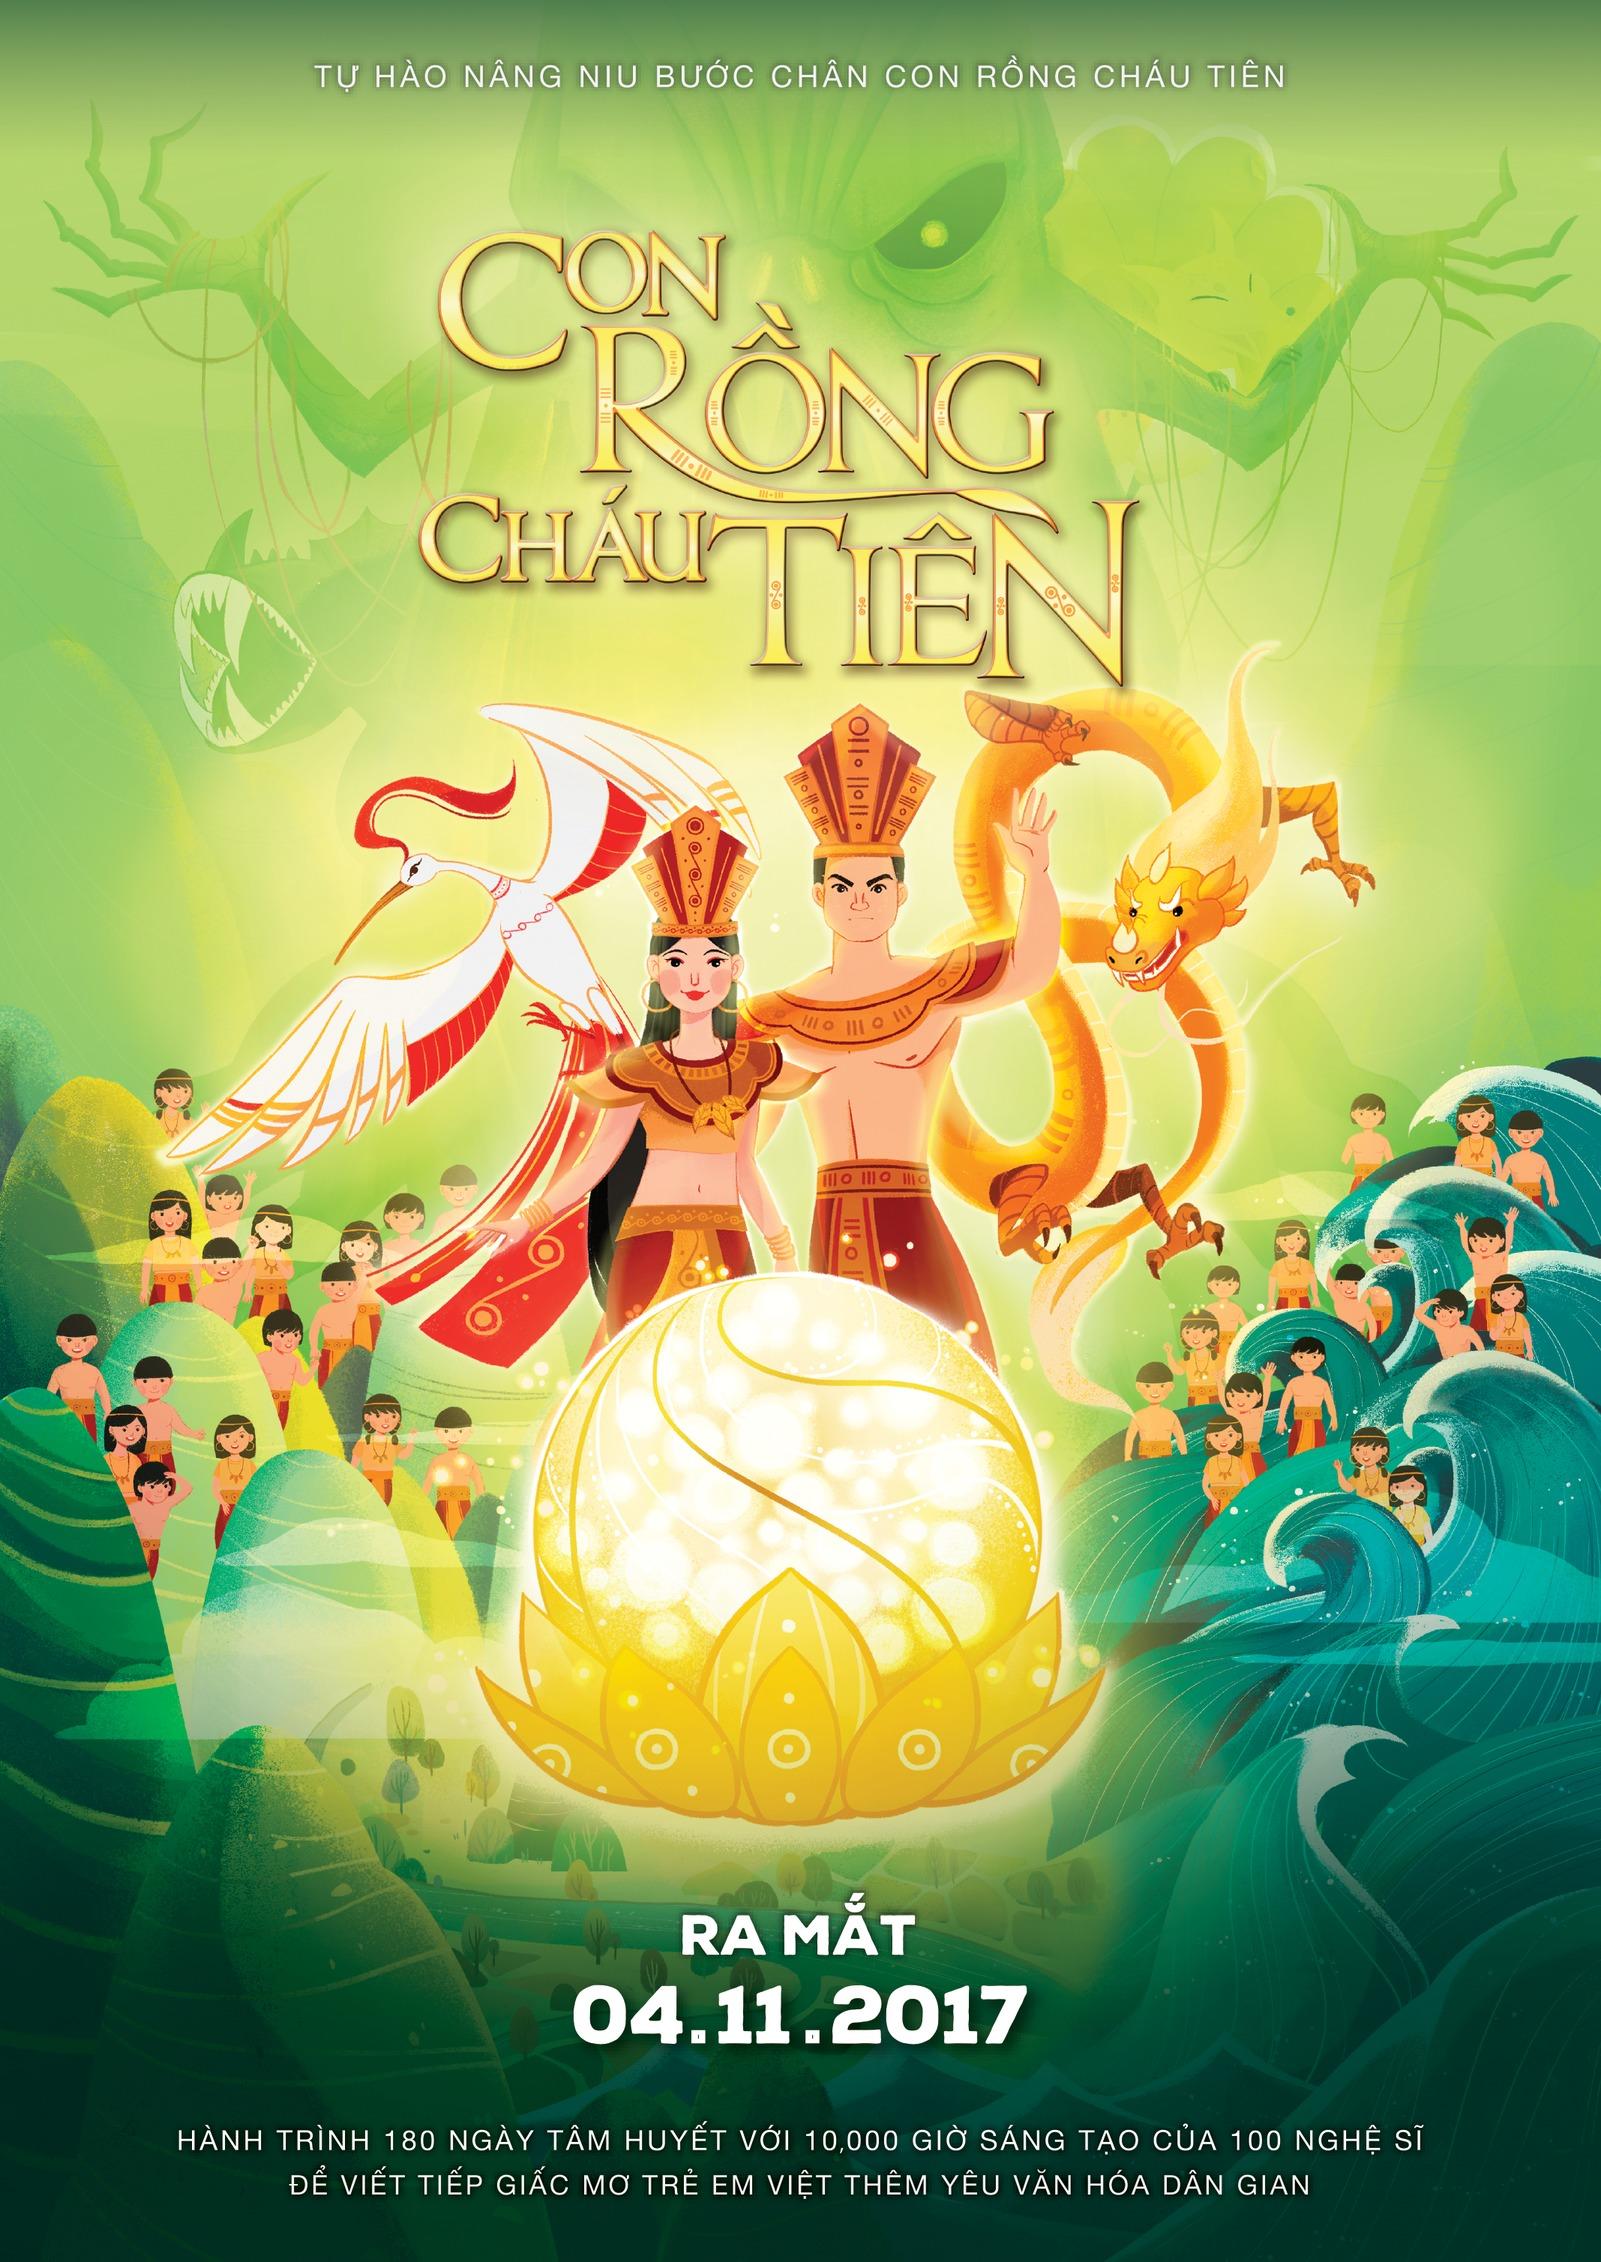 Lòng tự hào dân tộc dâng cao trong phim hoạt hình 5 triệu view Con Rồng